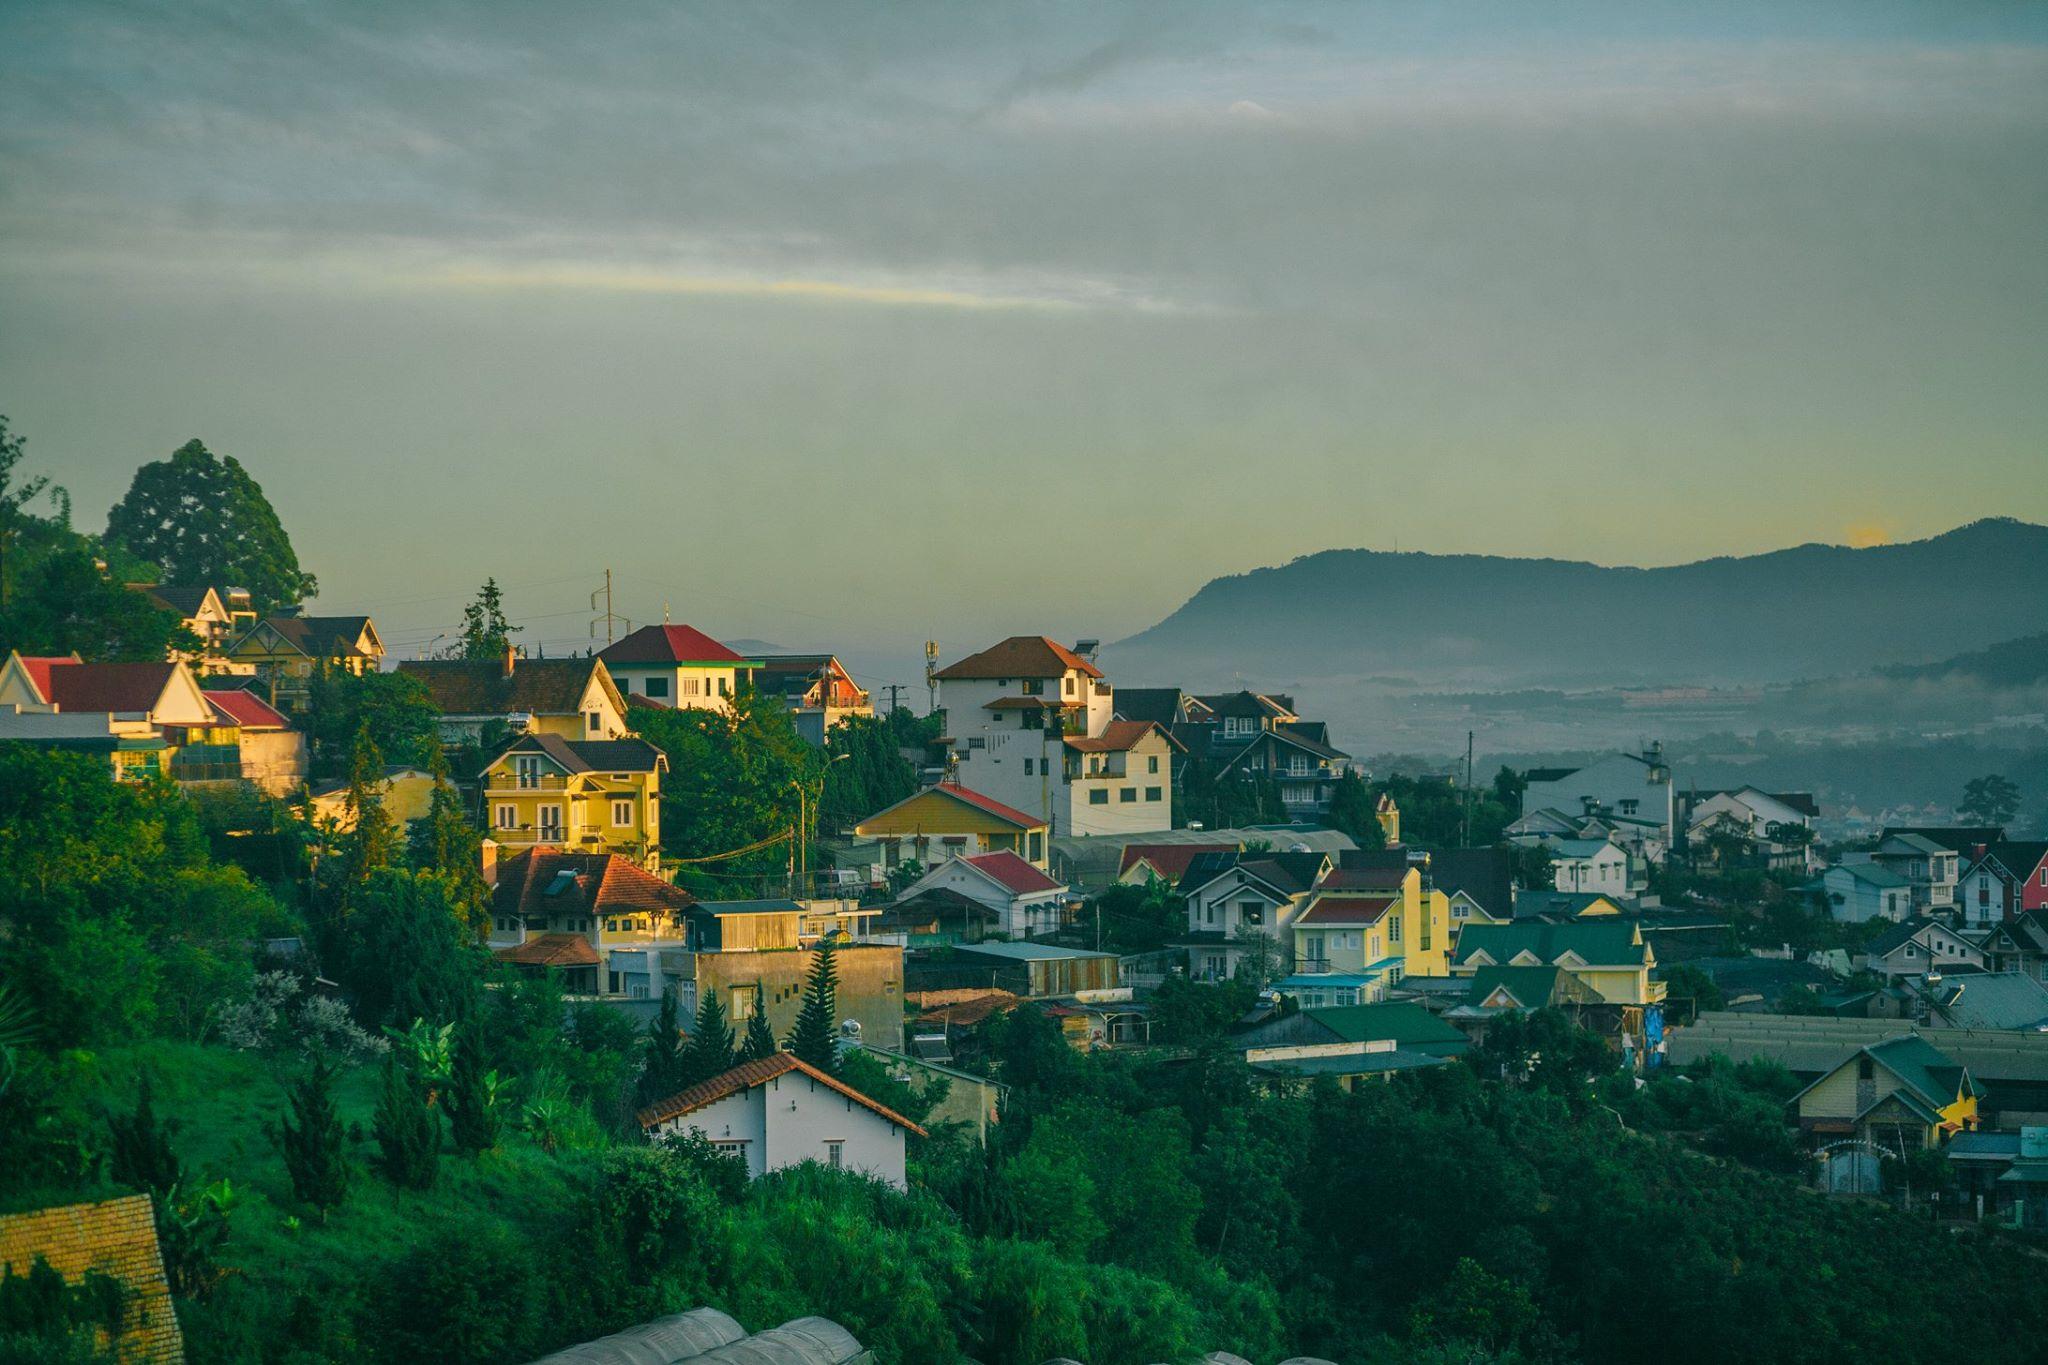 Khám phá lịch sử Đà Lạt - tìm về miền đất ngập tràn sắc hoa nơi phố núi  - Ảnh 4.